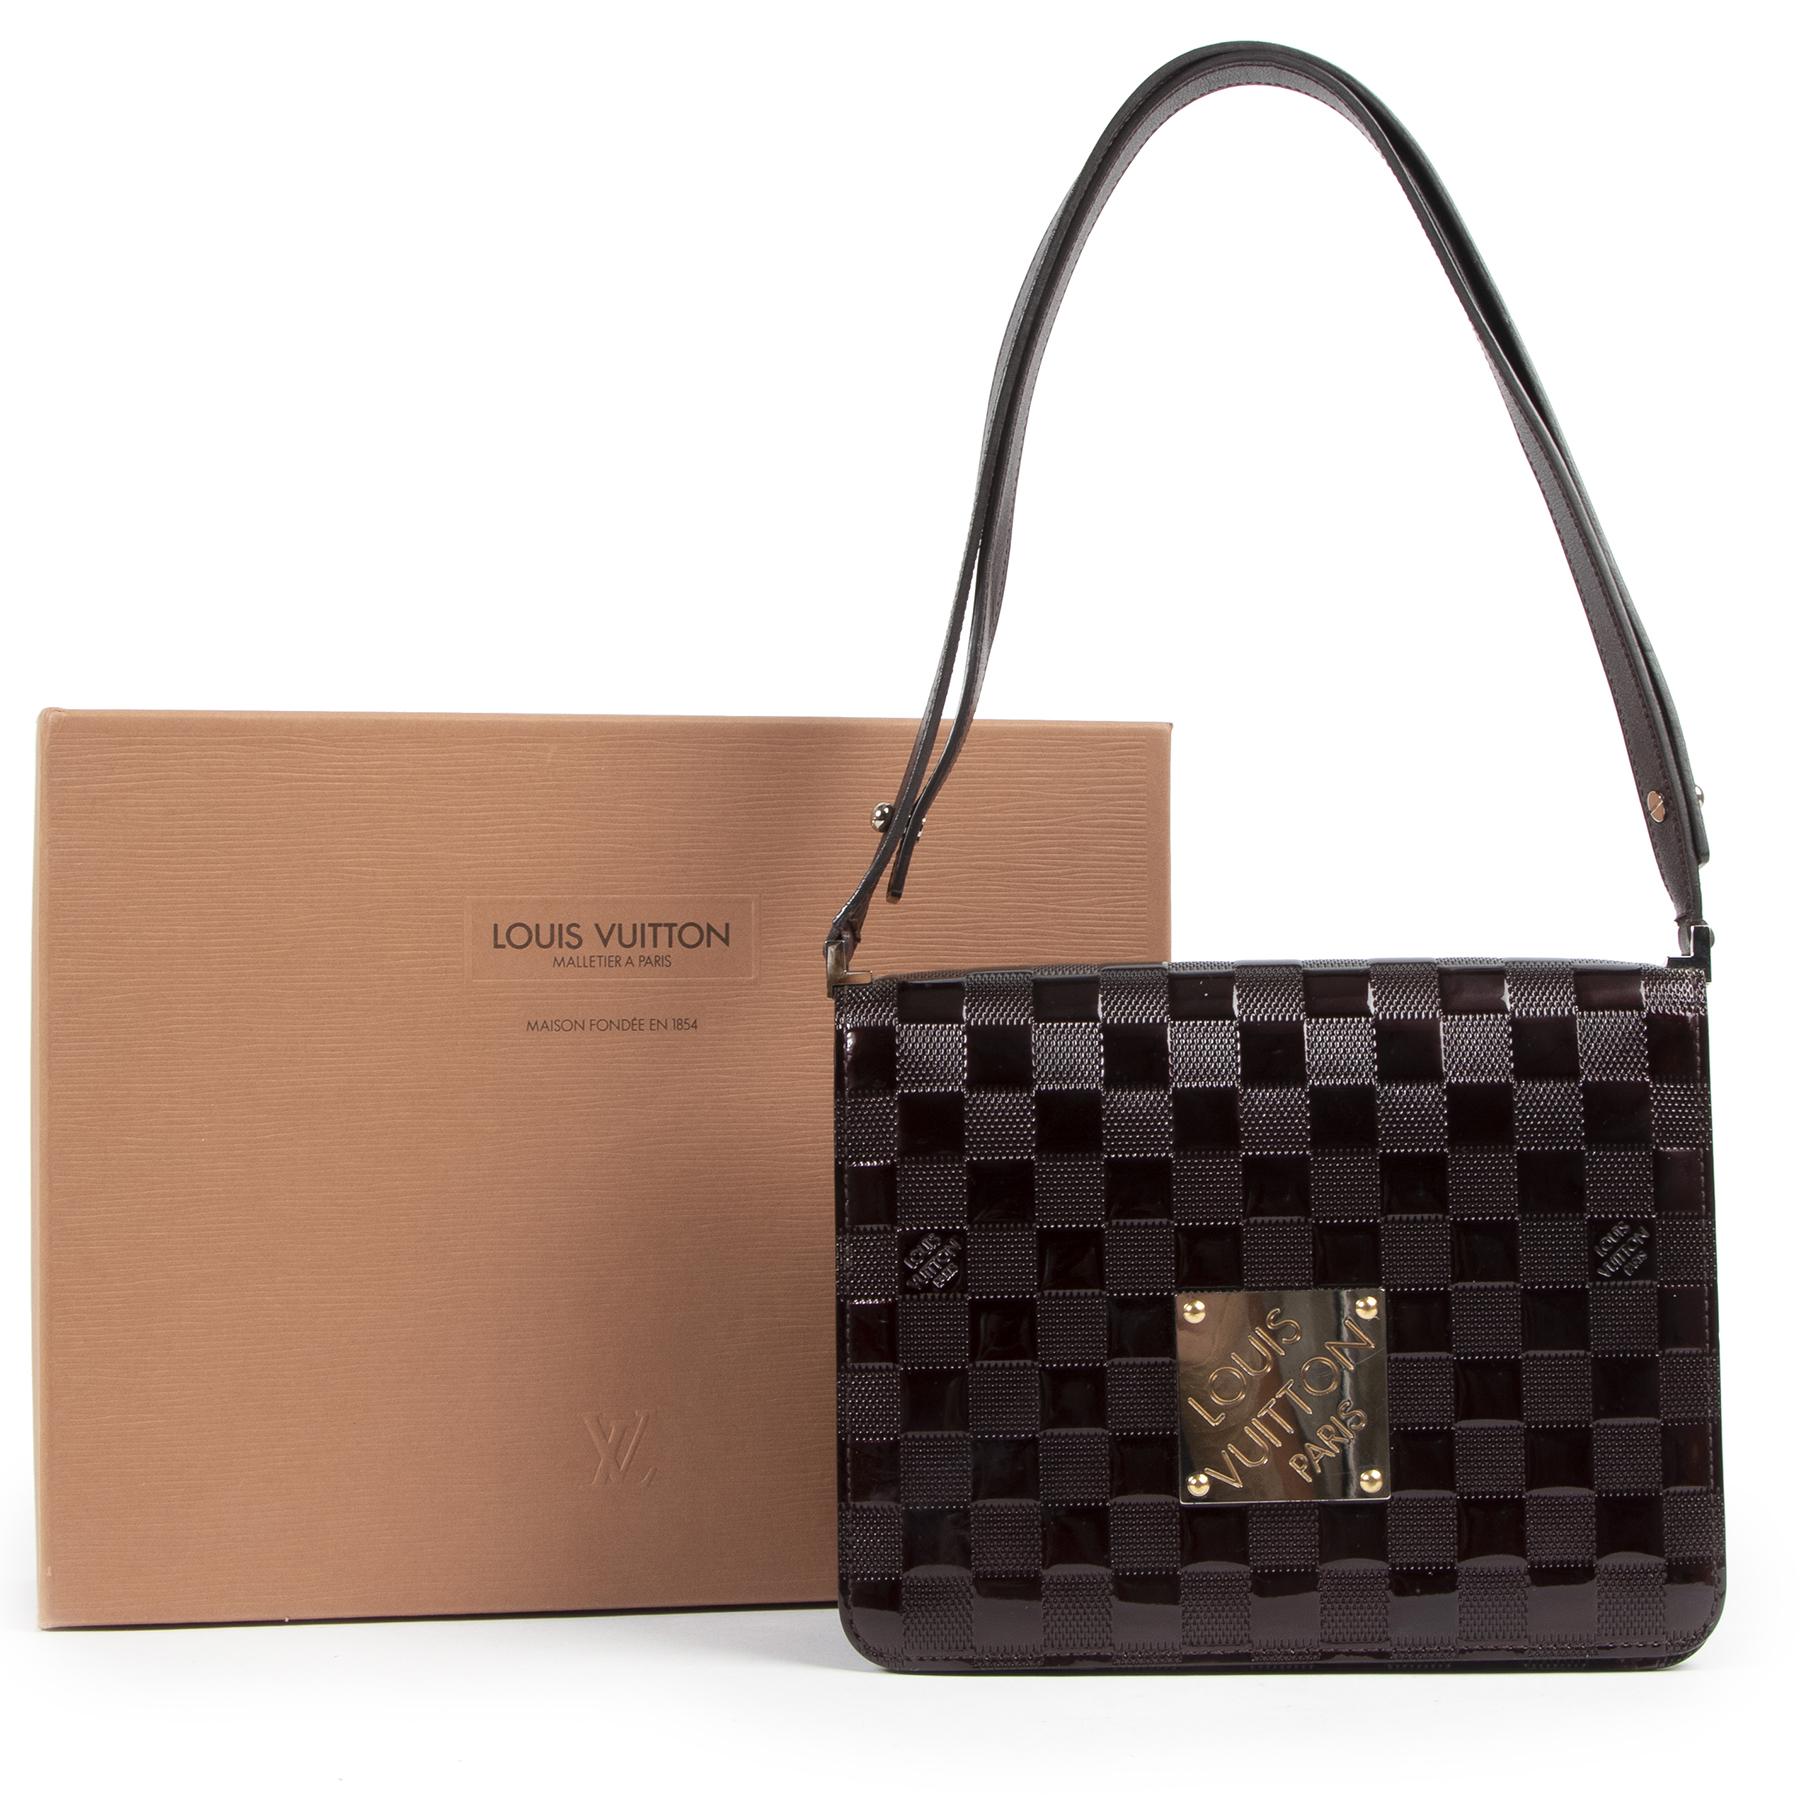 Authentic secondhand Louis Vuitton Purple Damier Vernis Cabaret Bag designer bags fashion luxury vintage webshop safe secure online shopping